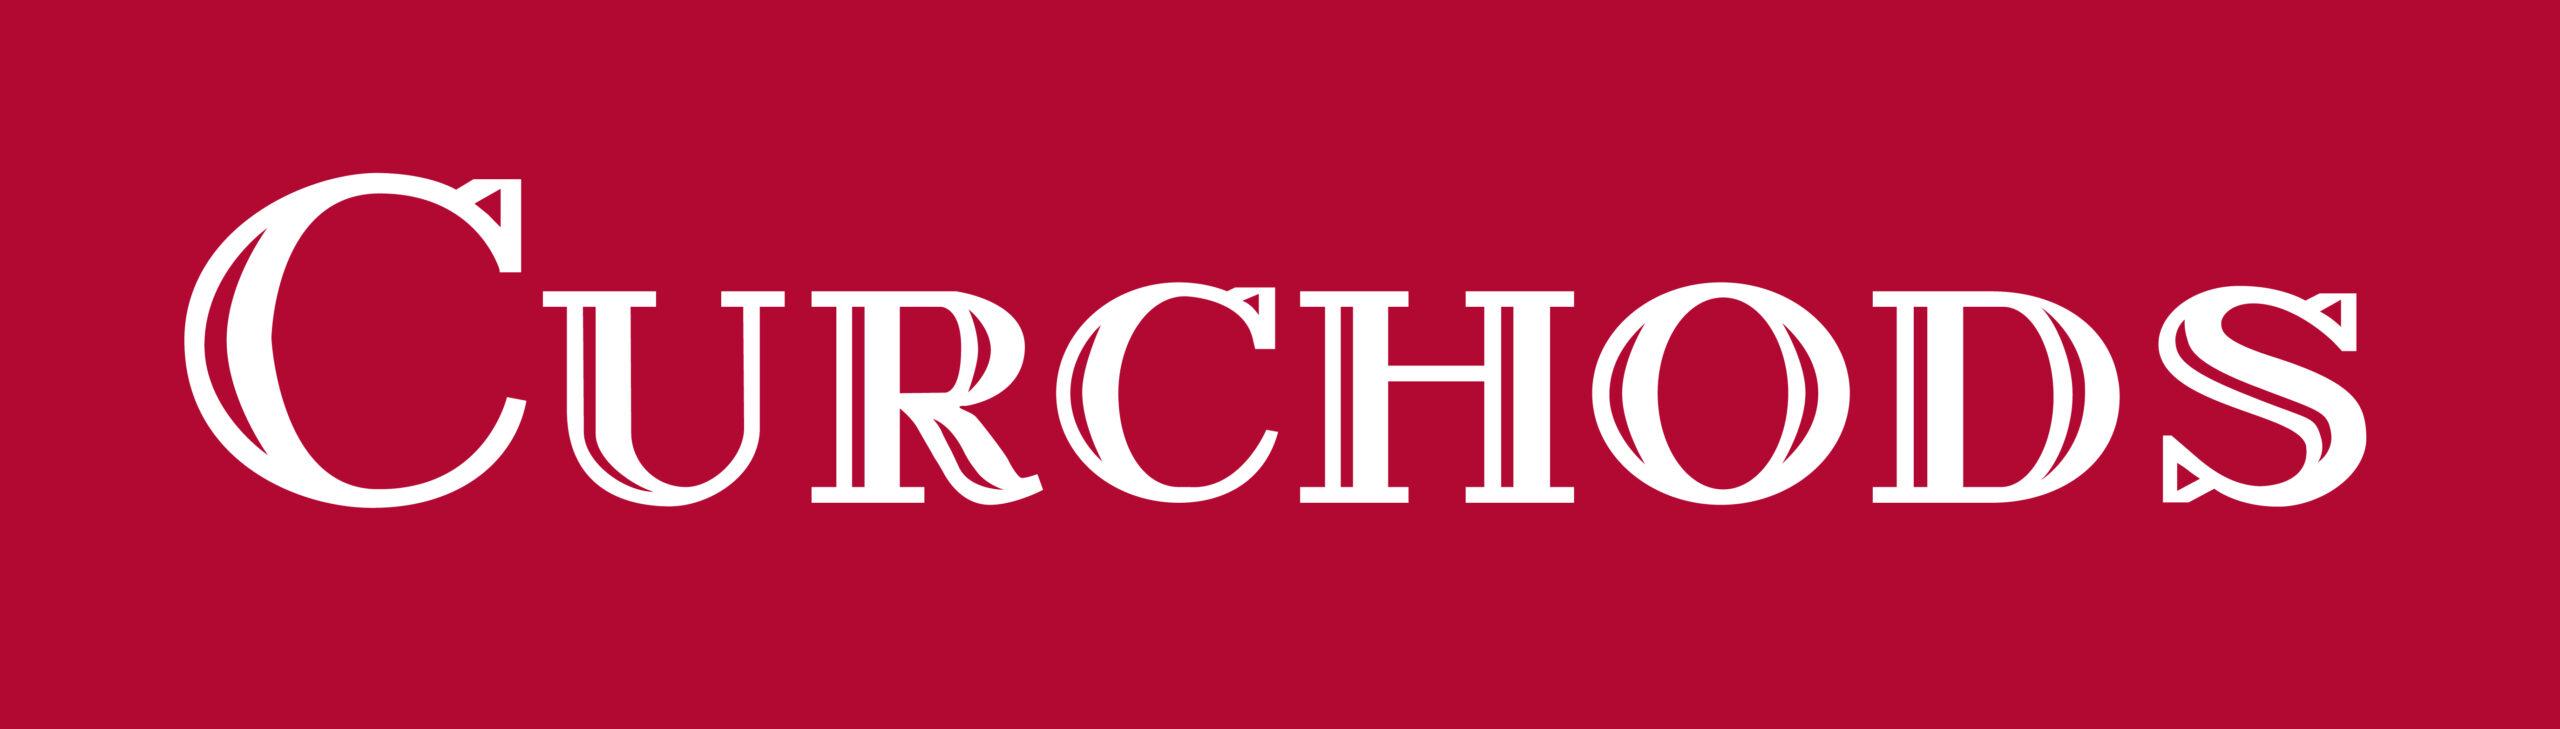 Curchods logo